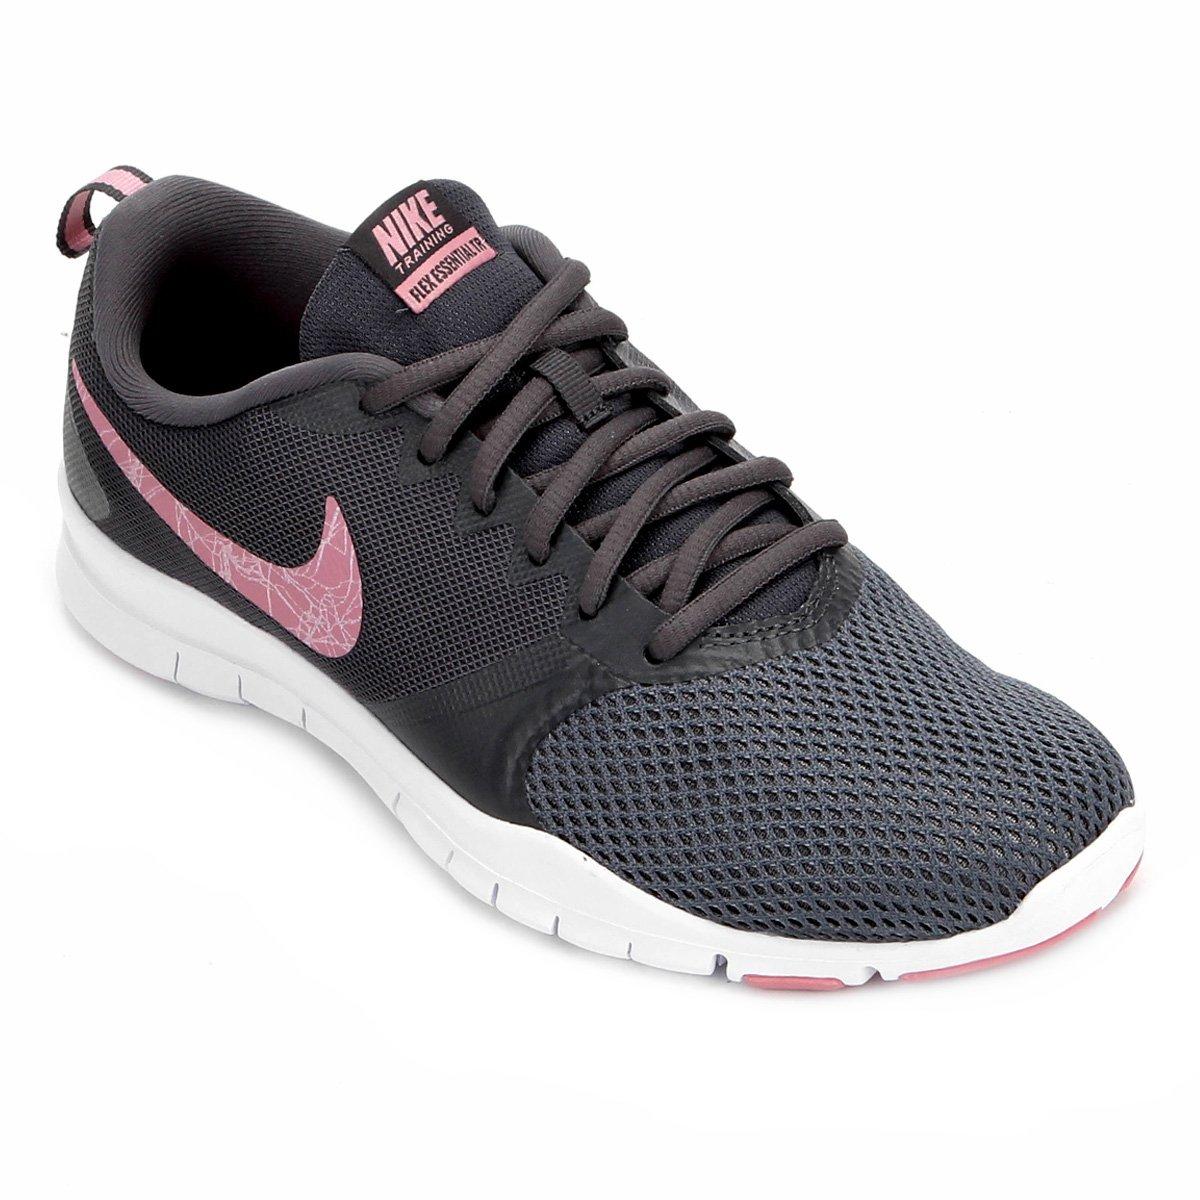 3817a3b464771 Tênis Nike Flex Essential TR Feminino - Cinza e Rosa - Compre Agora ...